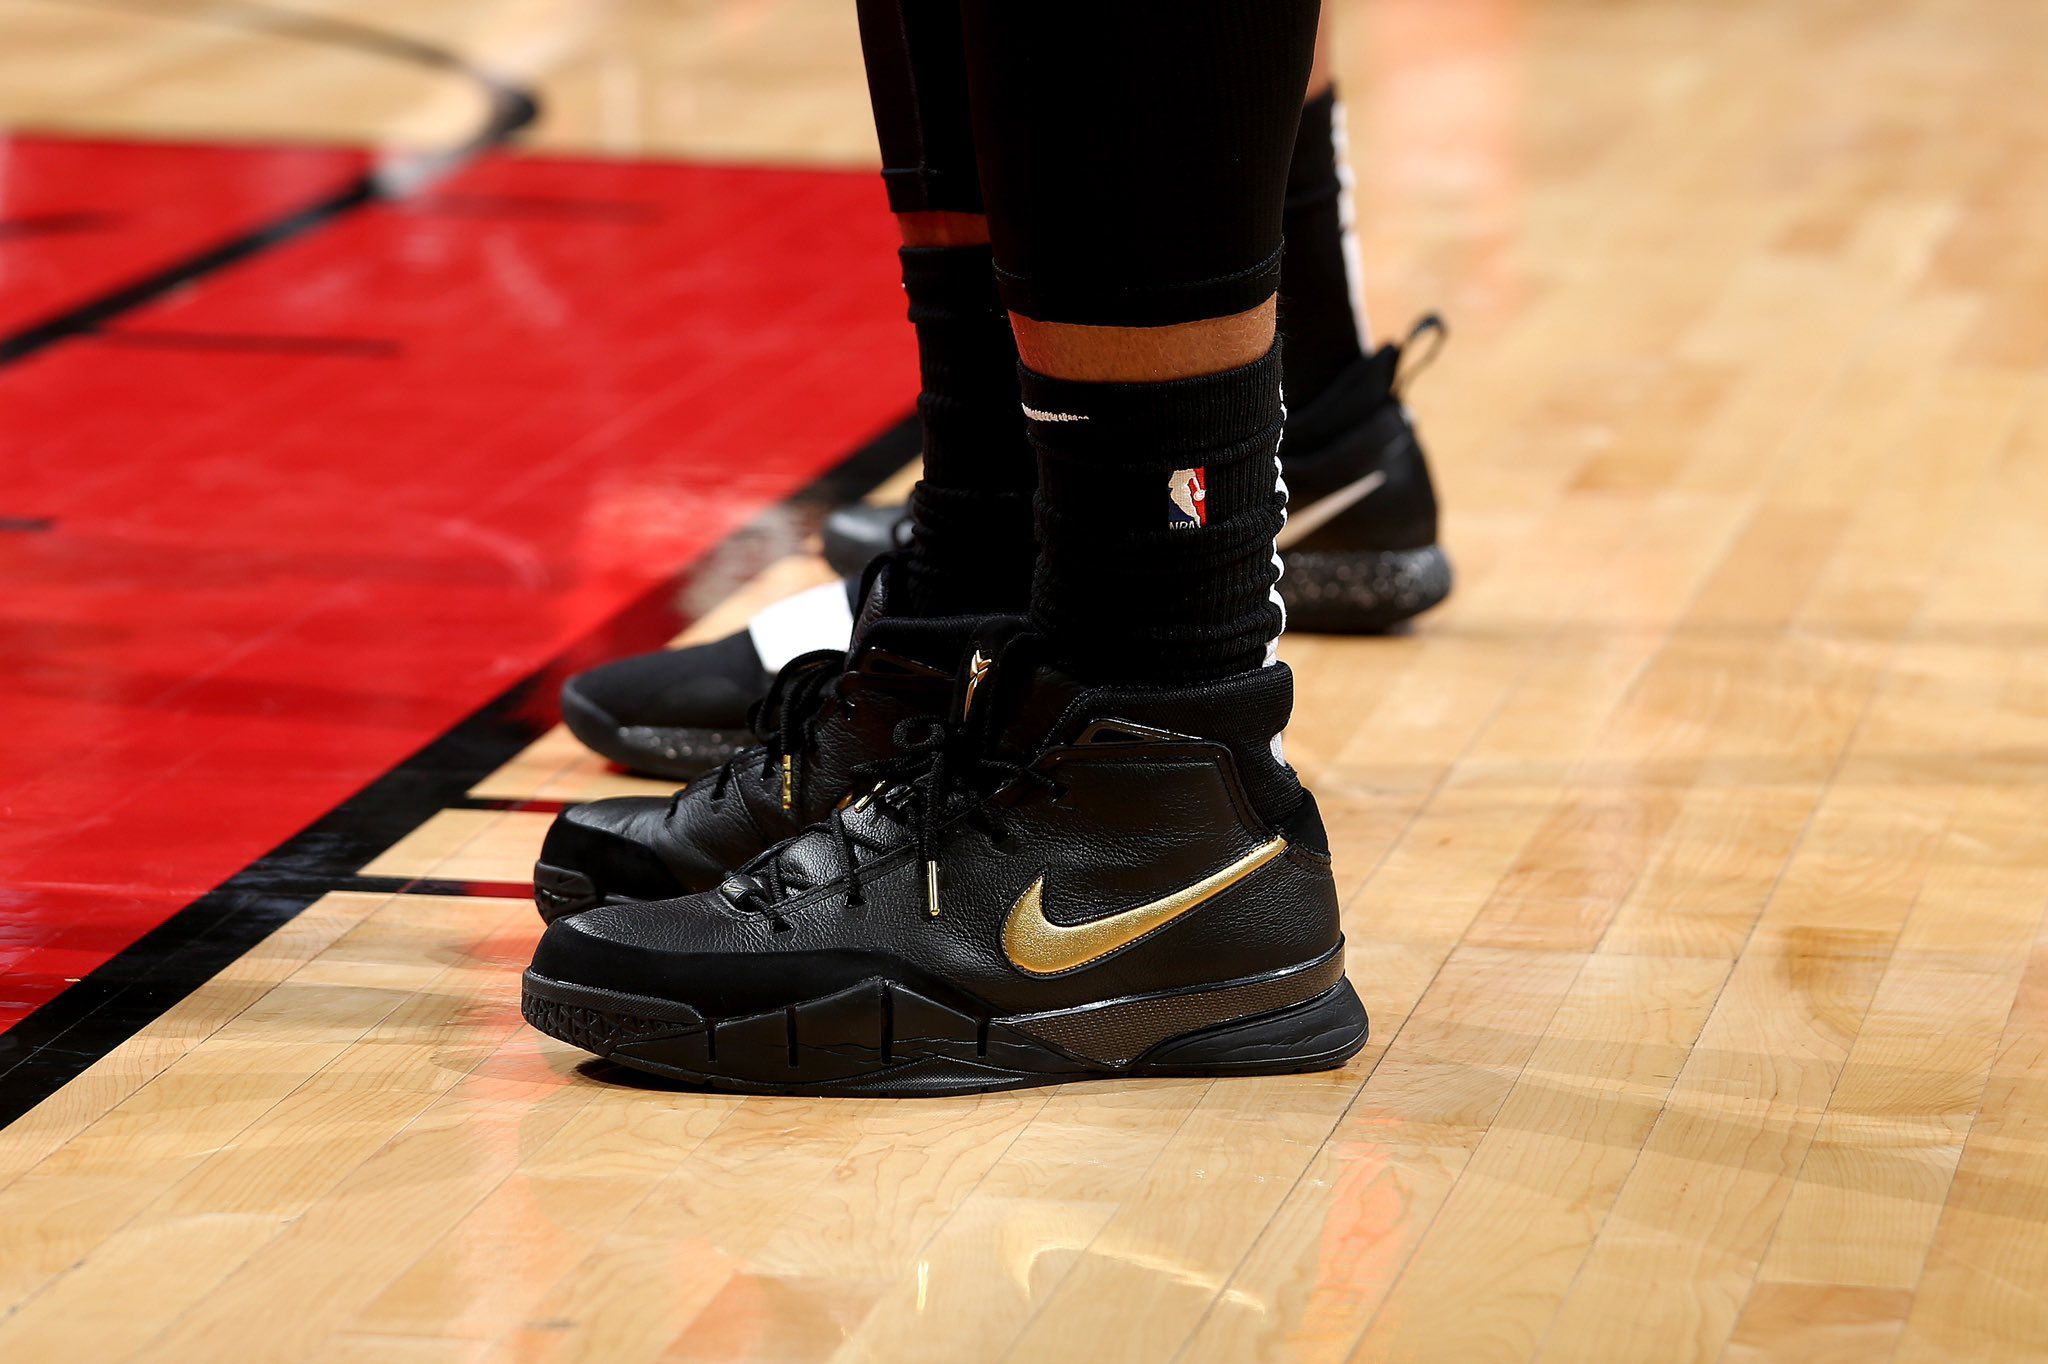 44da49b2942f San Antonio Spurs (18-19) DeMar DeRozan Nike Zoom Kobe 1 Protro ...